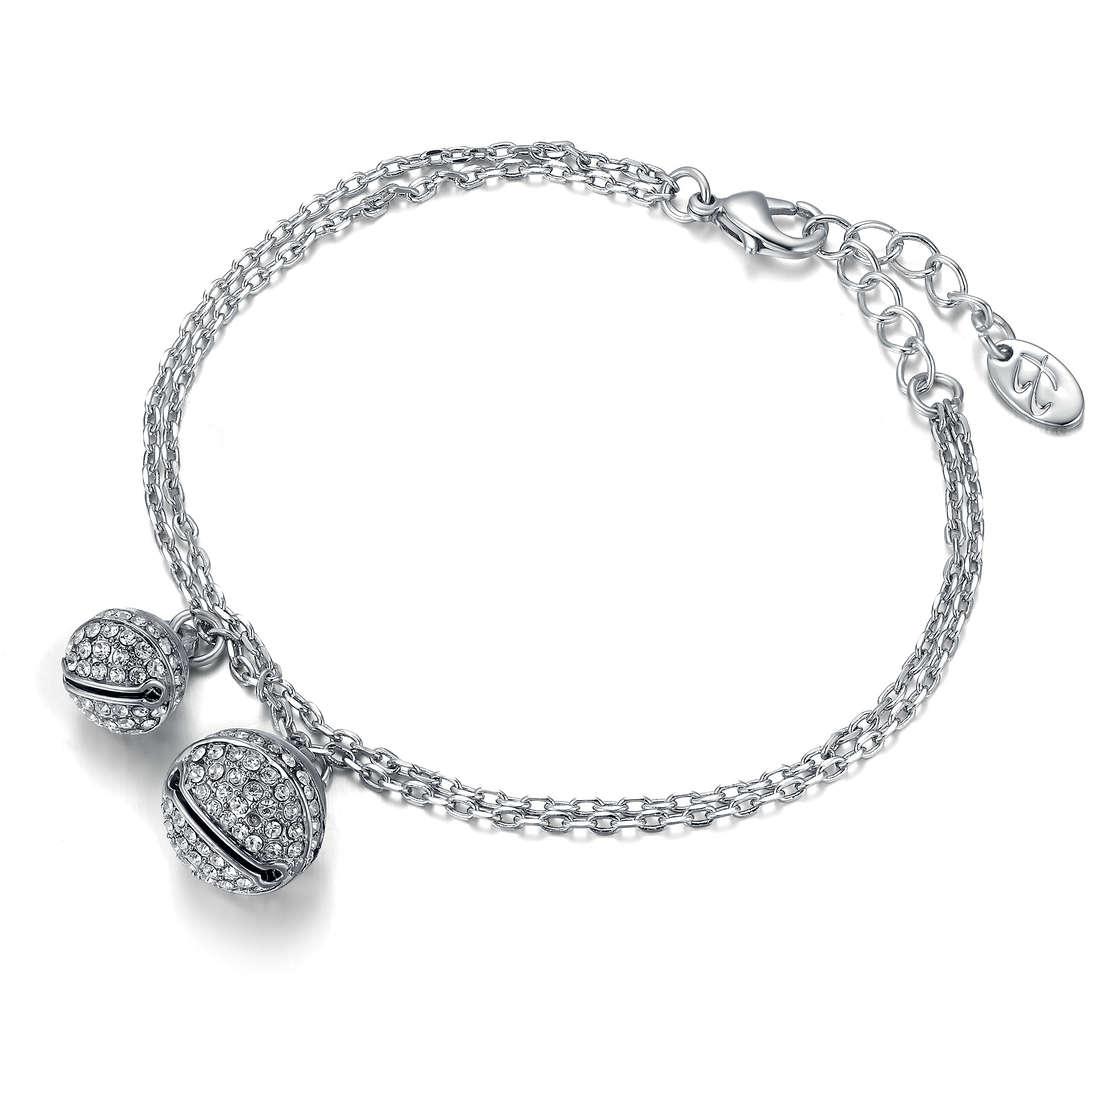 bracelet woman jewellery Luca Barra Giuly LBBK1087